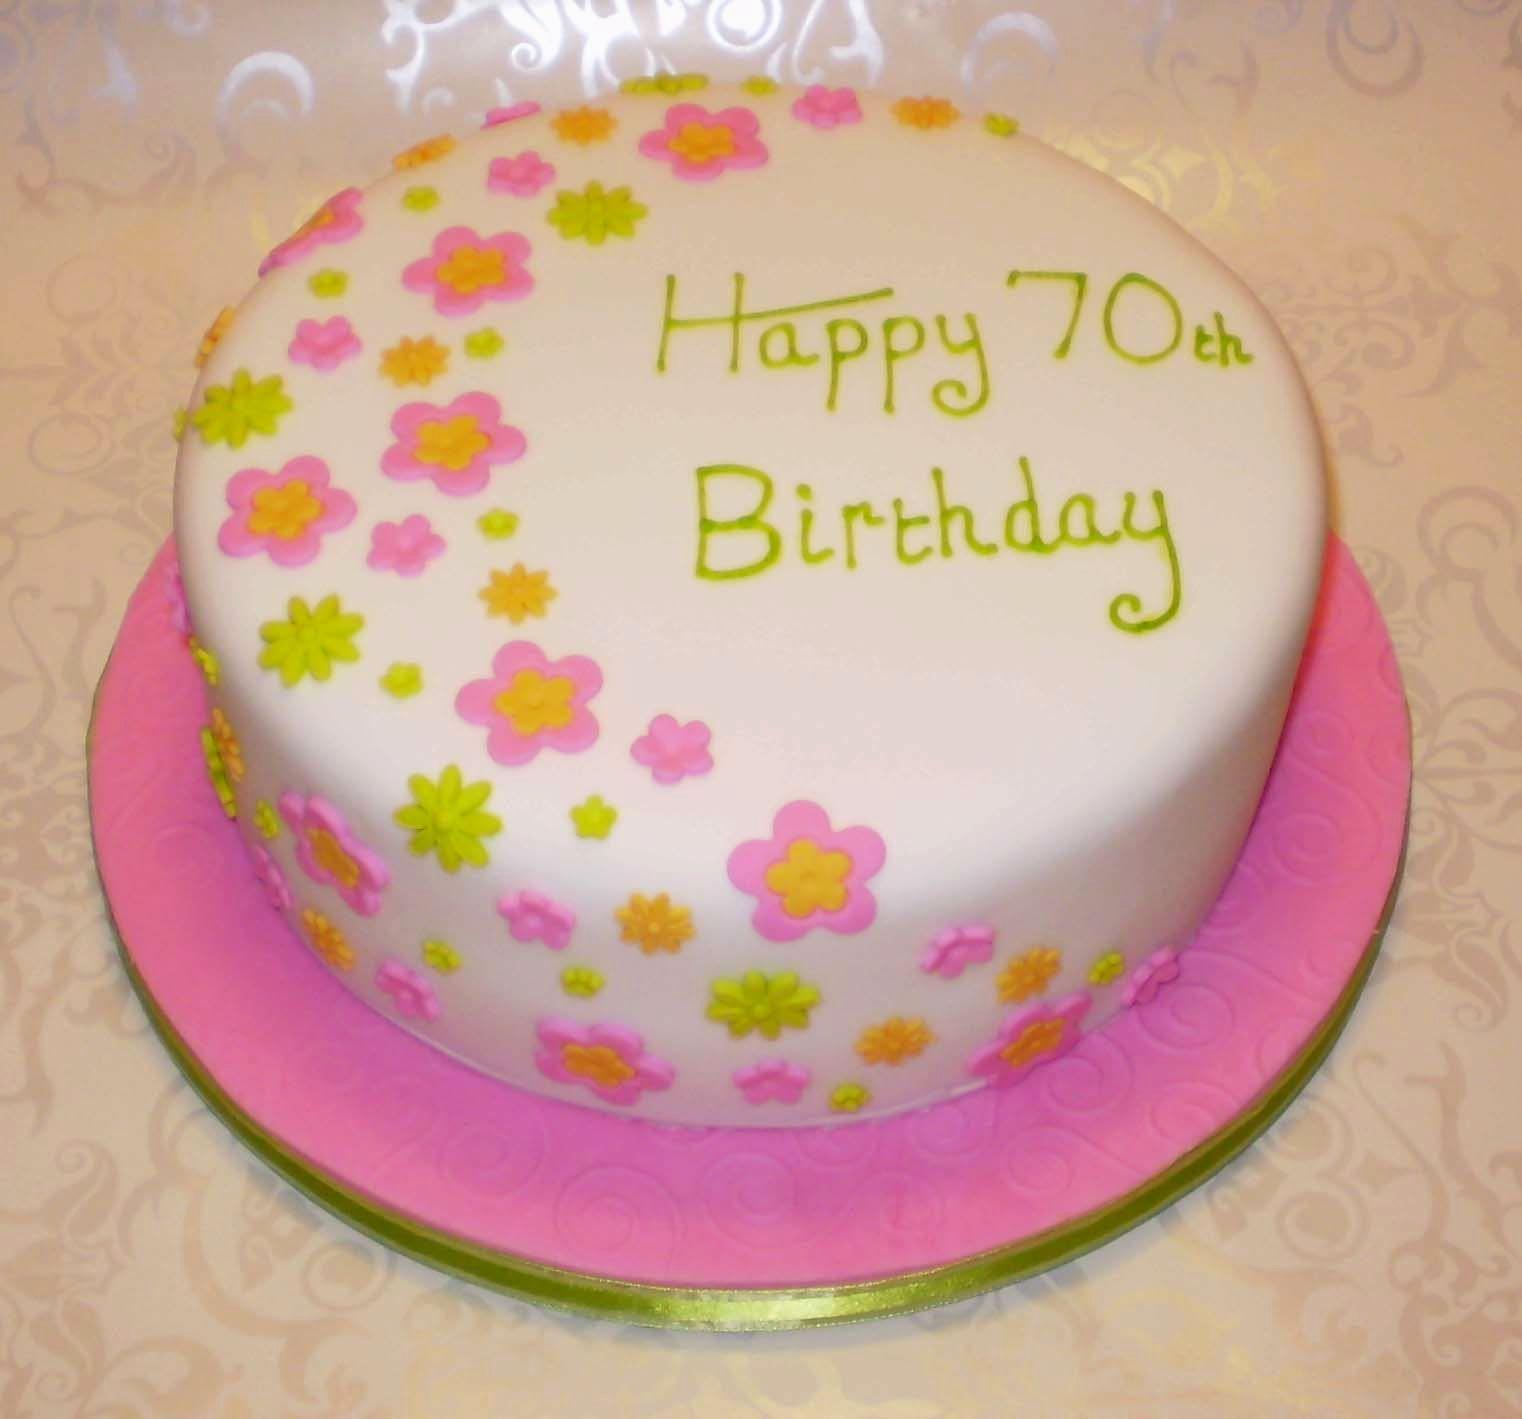 Prime 12 Simple Birthday Cakes Woman Photo Simple Birthday Cake Ideas Funny Birthday Cards Online Overcheapnameinfo